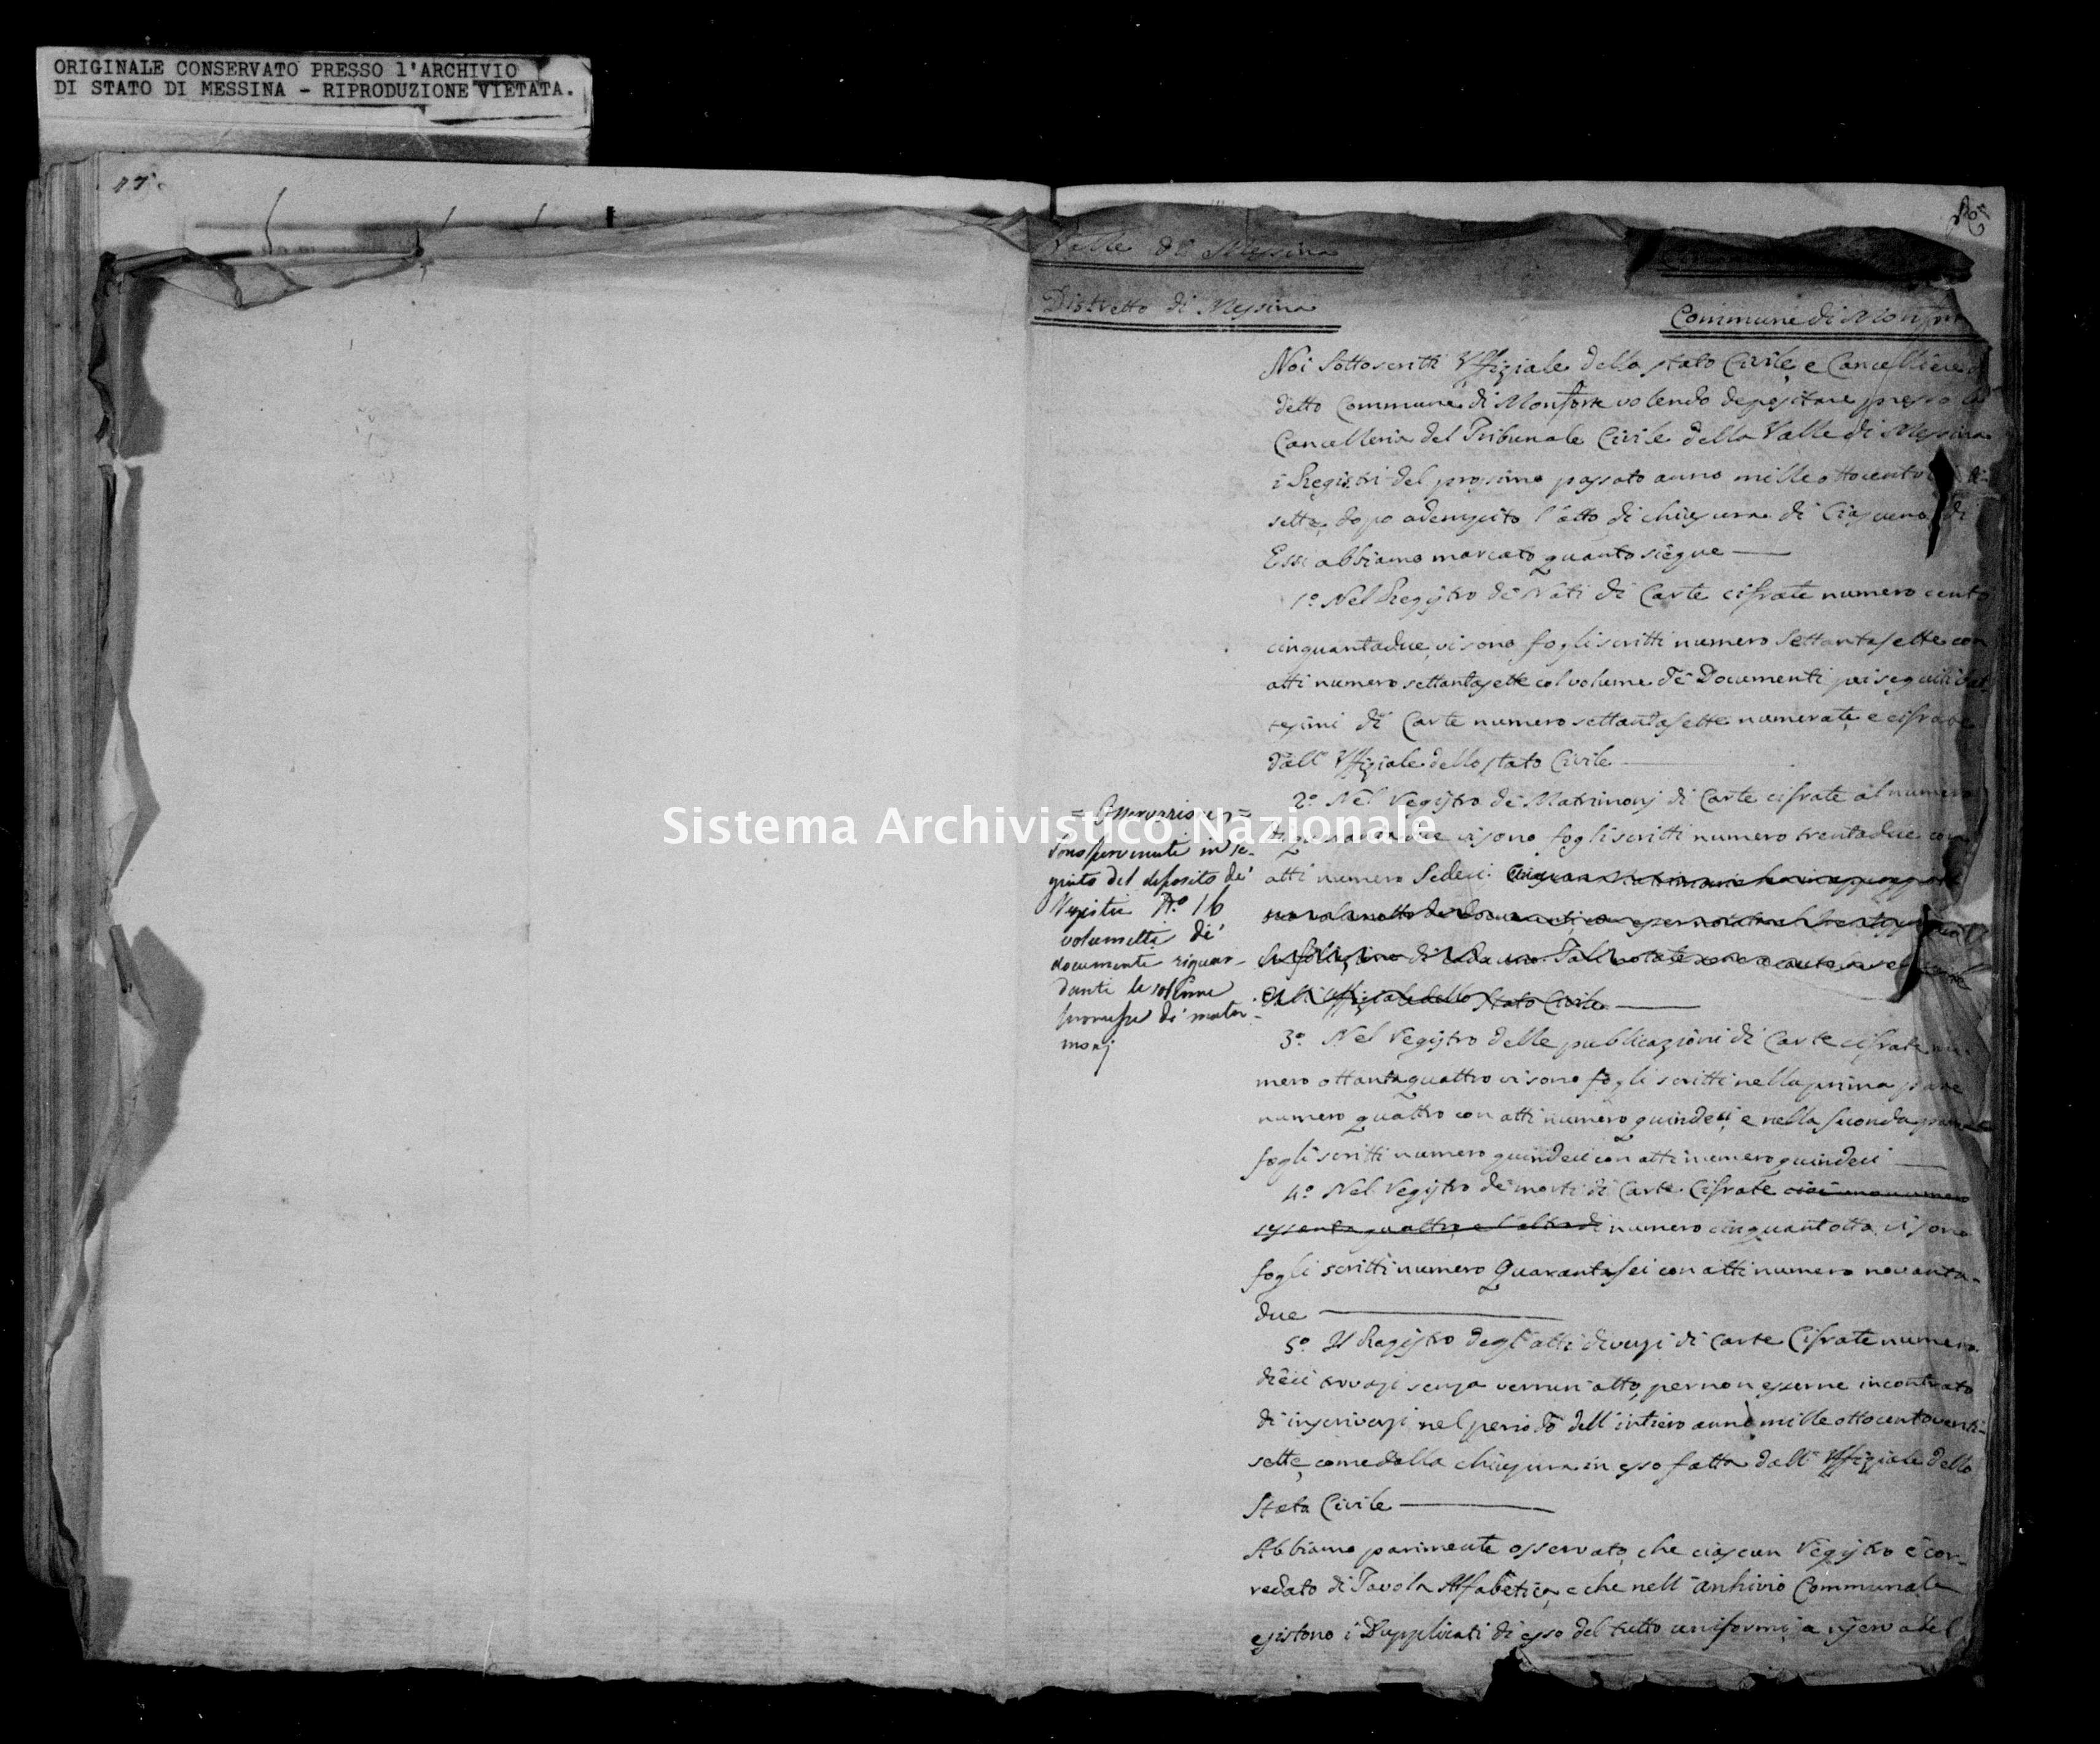 Archivio di stato di Messina - Stato civile della restaurazione - Monforte - Inventario - 1827 - 849 -